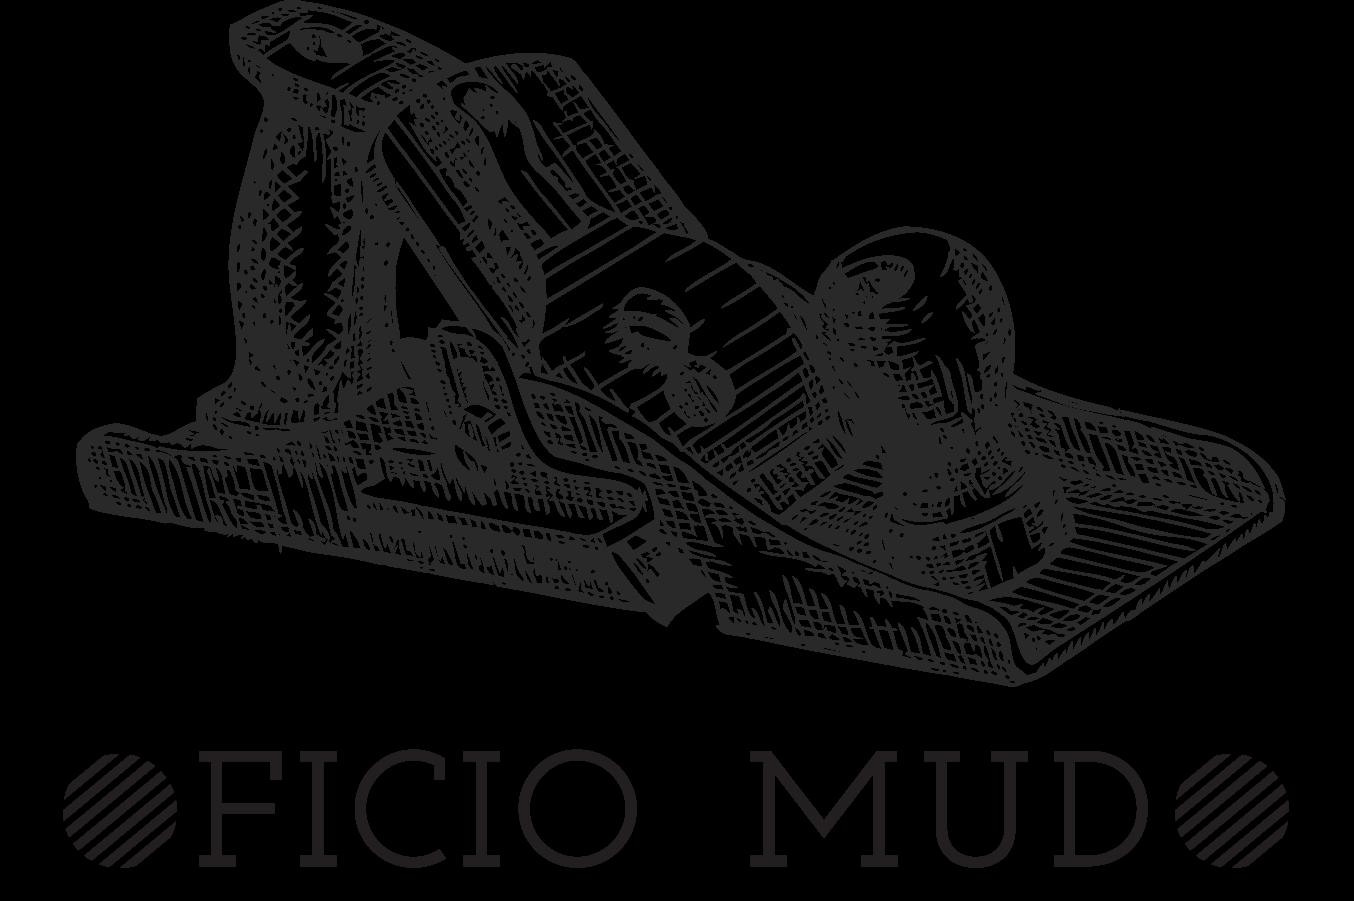 Oficio Mudo